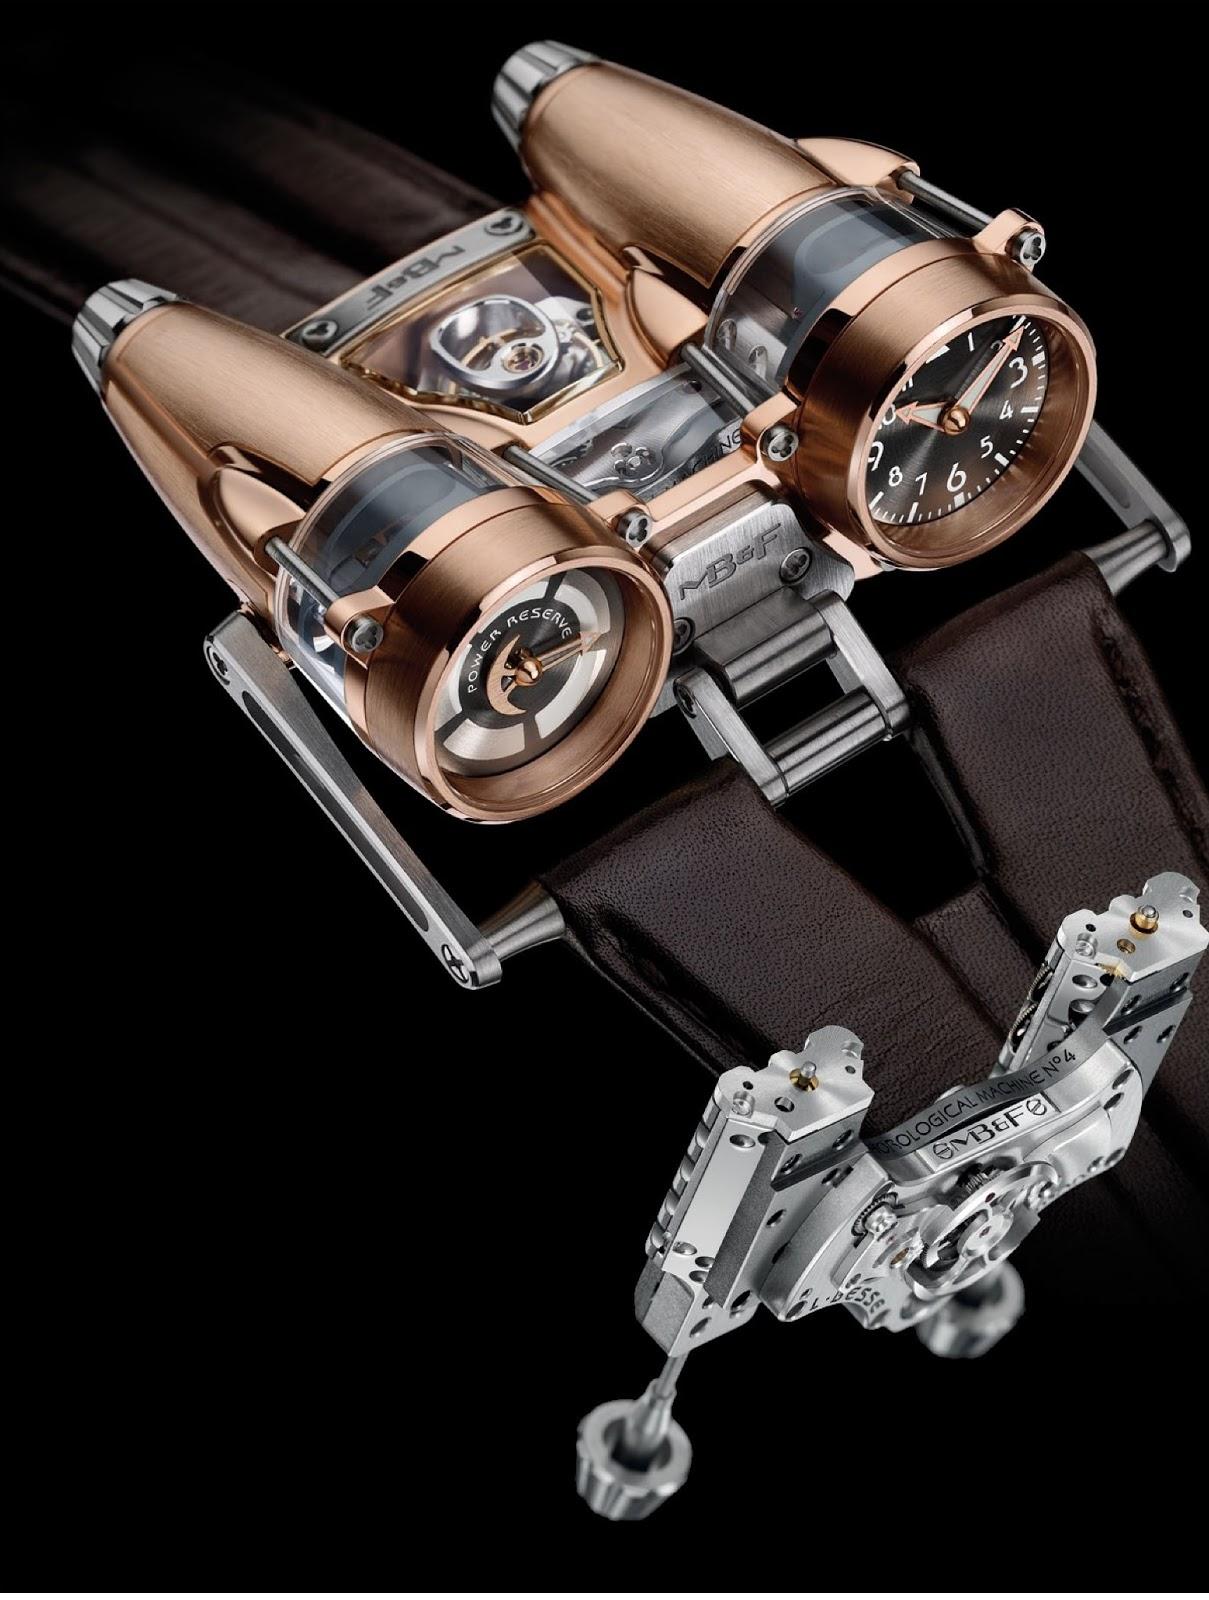 Super stylish watches